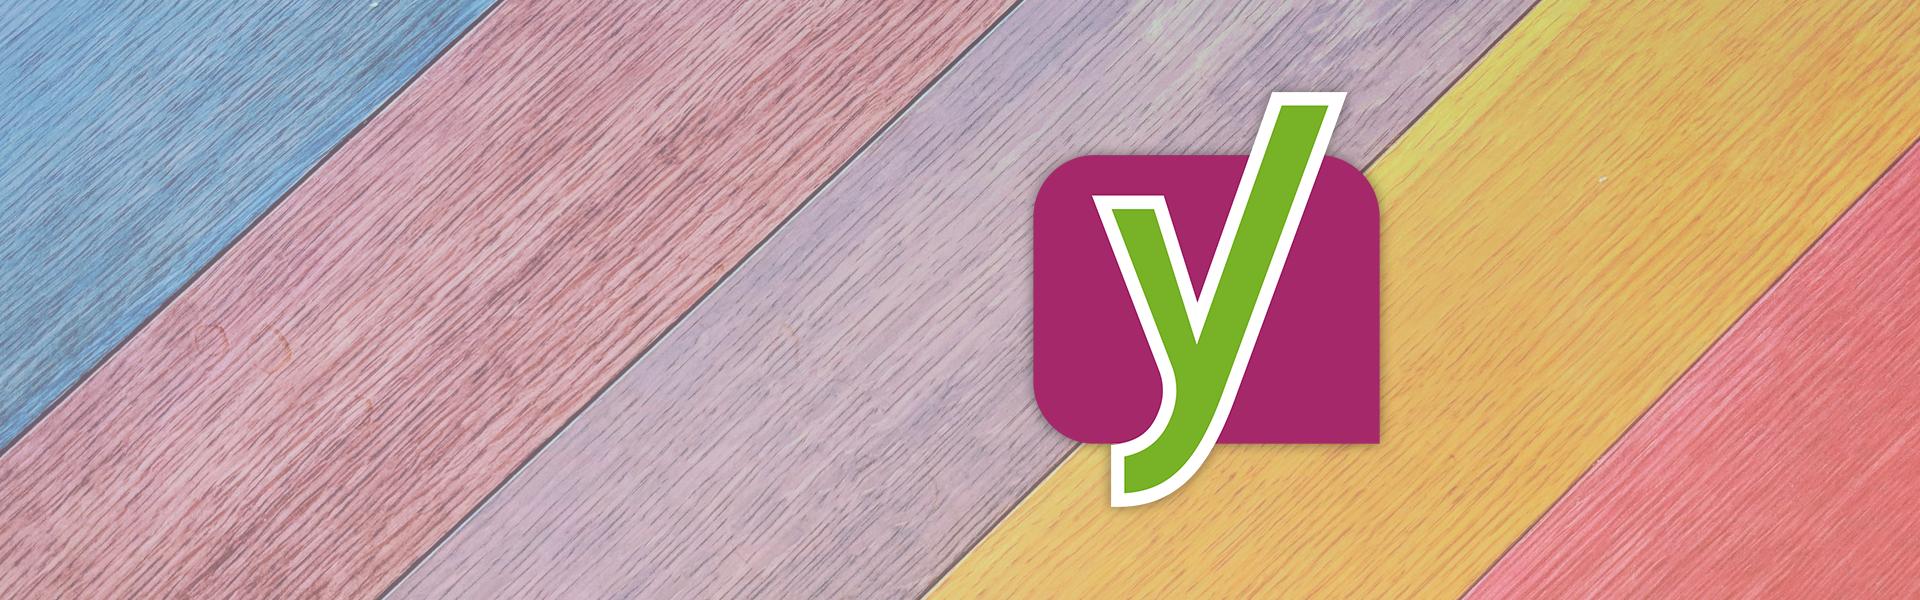 Настройка Yoast SEO 2020. Полная и правильная пошаговая инструкция • Финты WordPress • 1